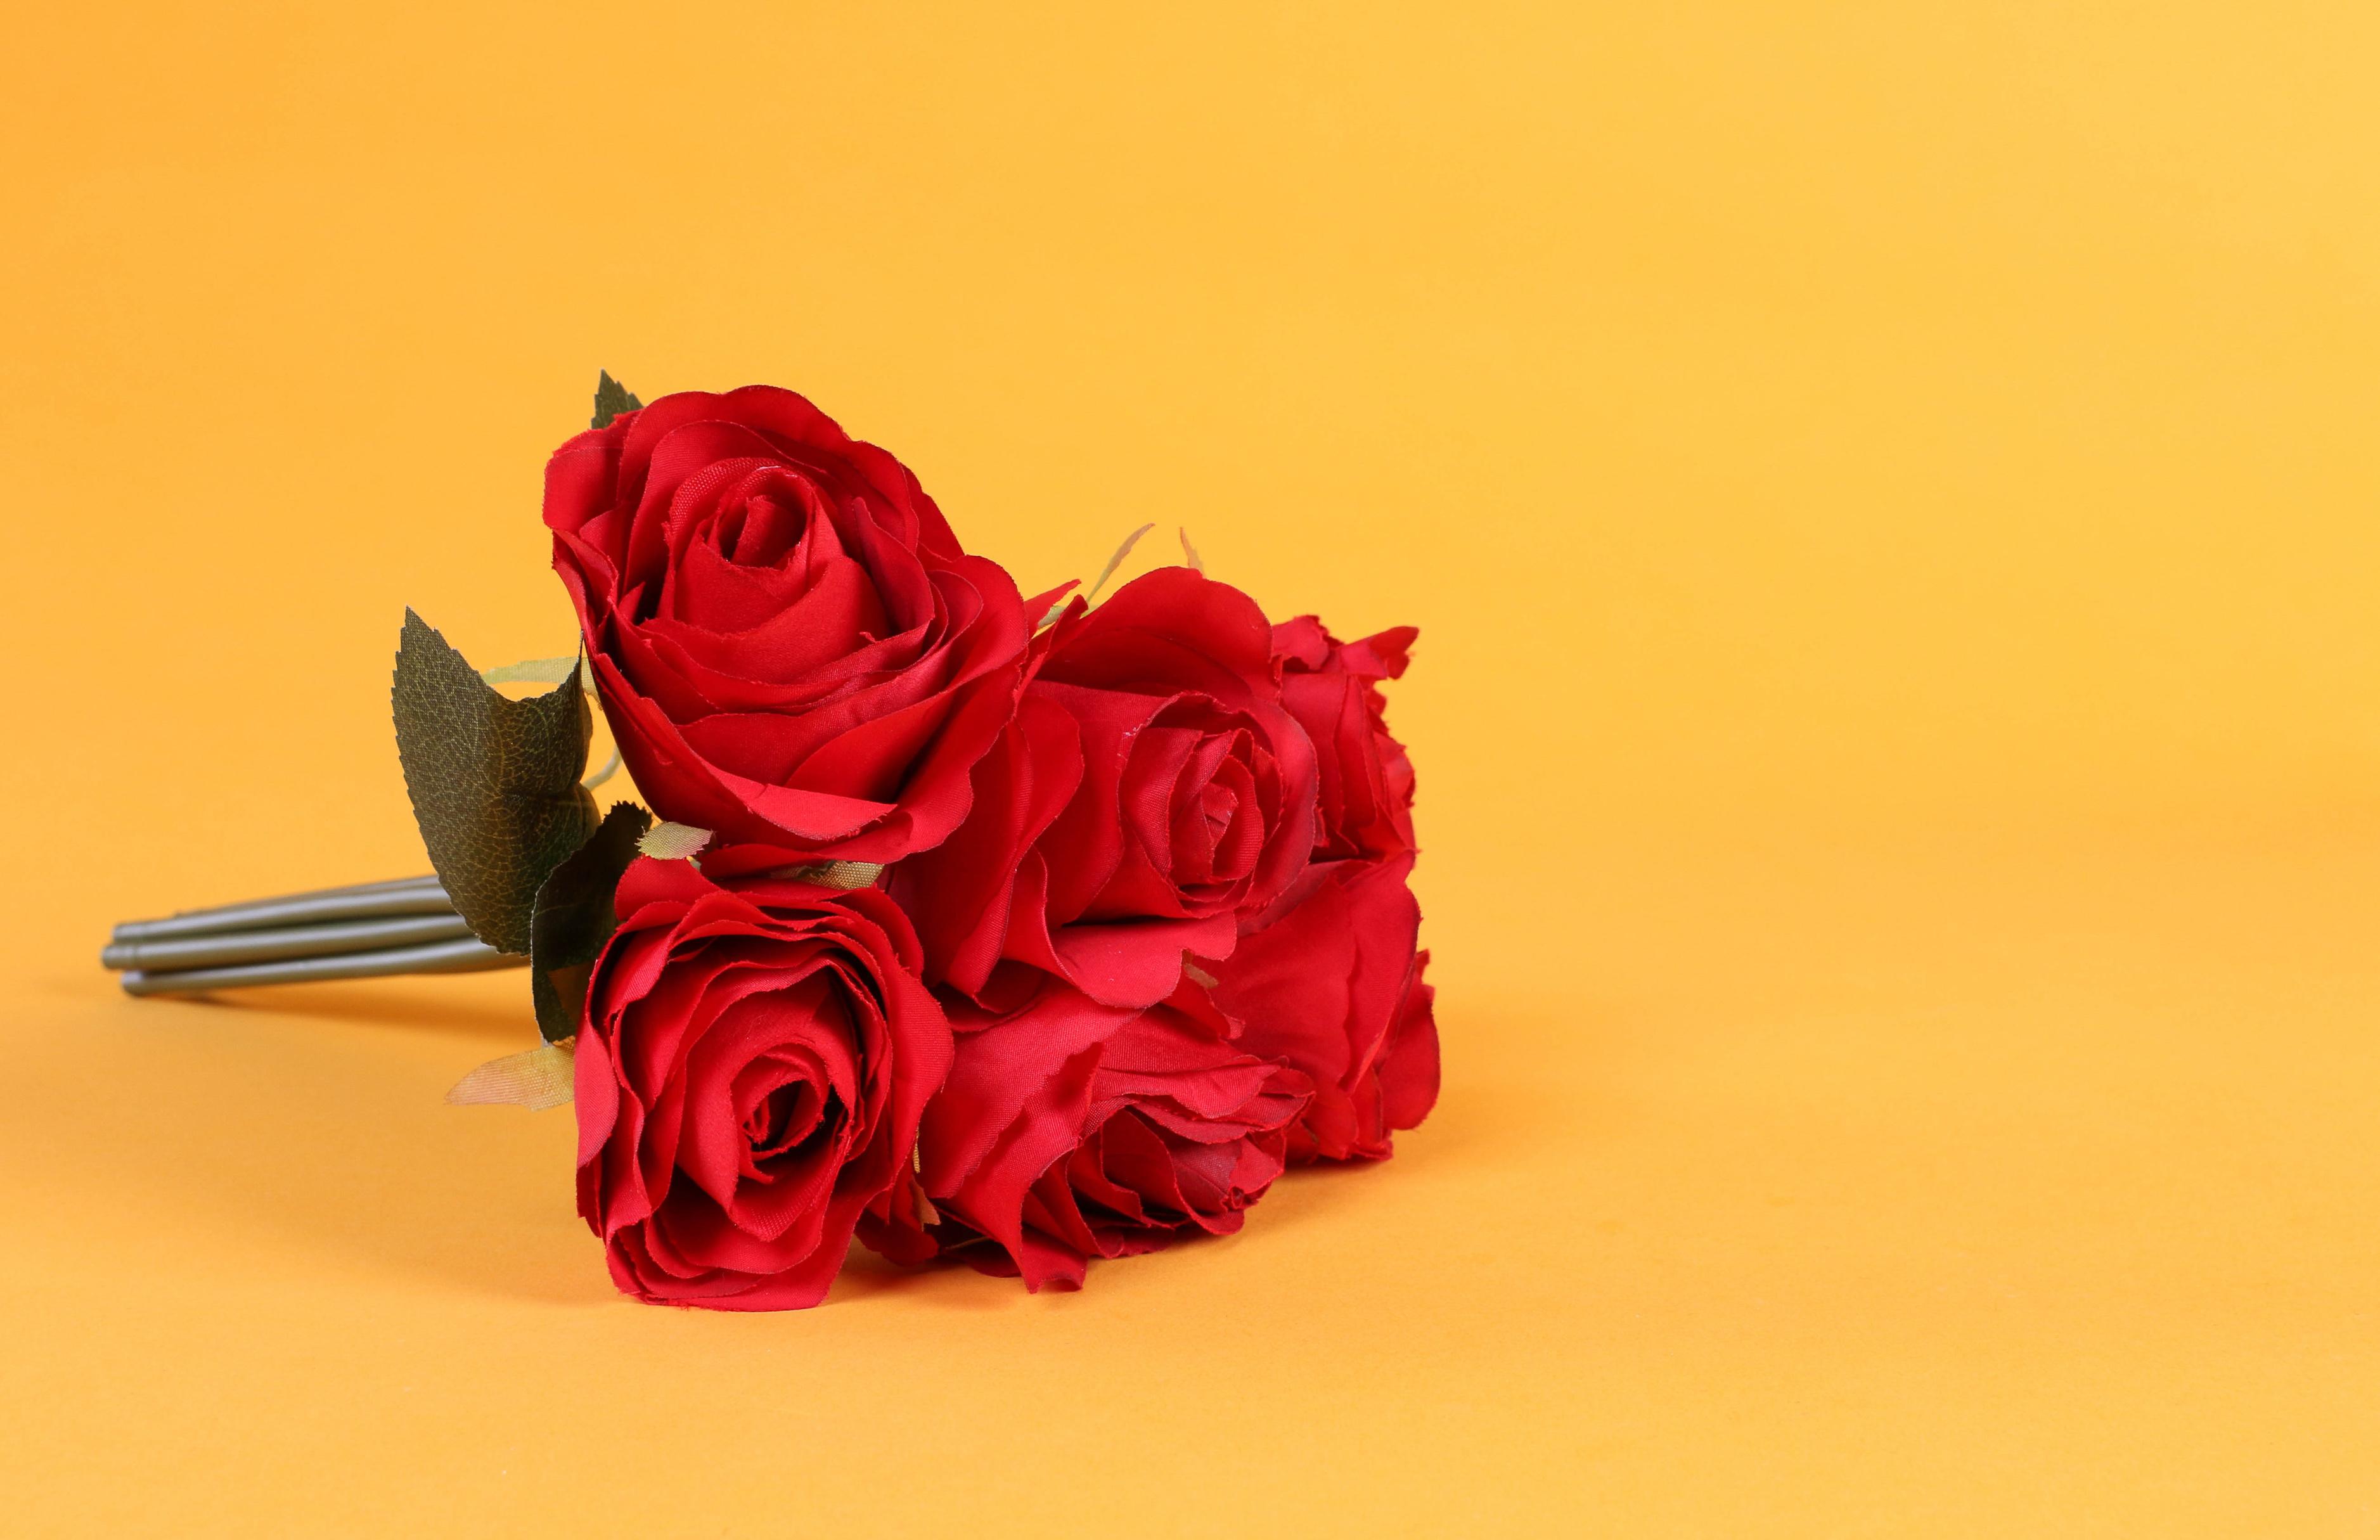 Bakgrundsbilder Buketter Röd Rosor blomma Färgad bakgrund blomsterbukett ros Blommor